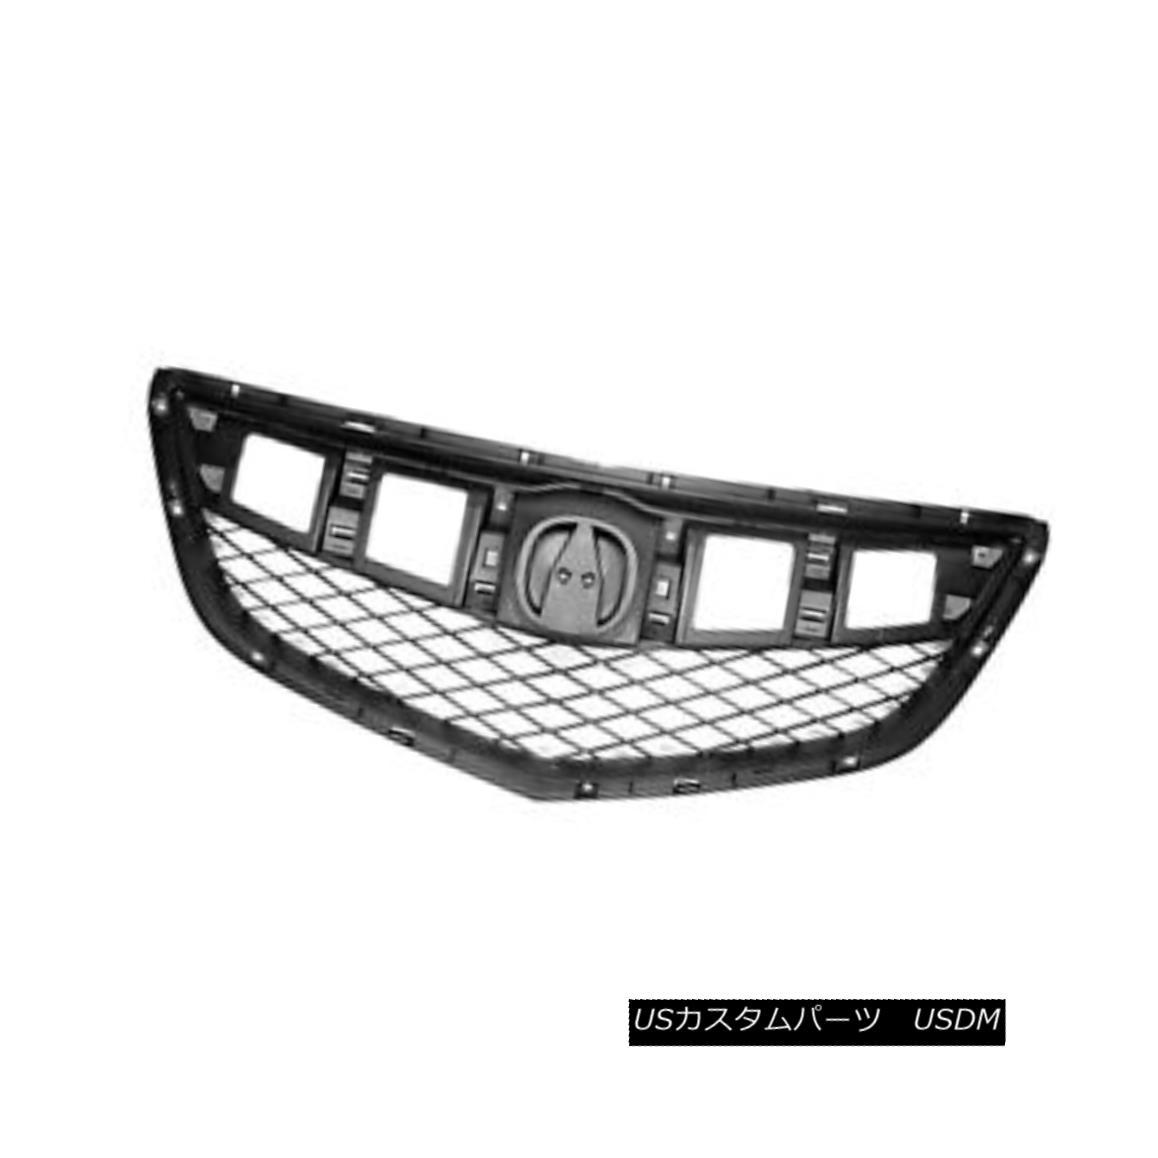 グリル New Replacement Grille Matte Dark Grey ABS 104-59669 CAPA 新しい交換グリルマットダークグレーABS 104-59669 CAPA